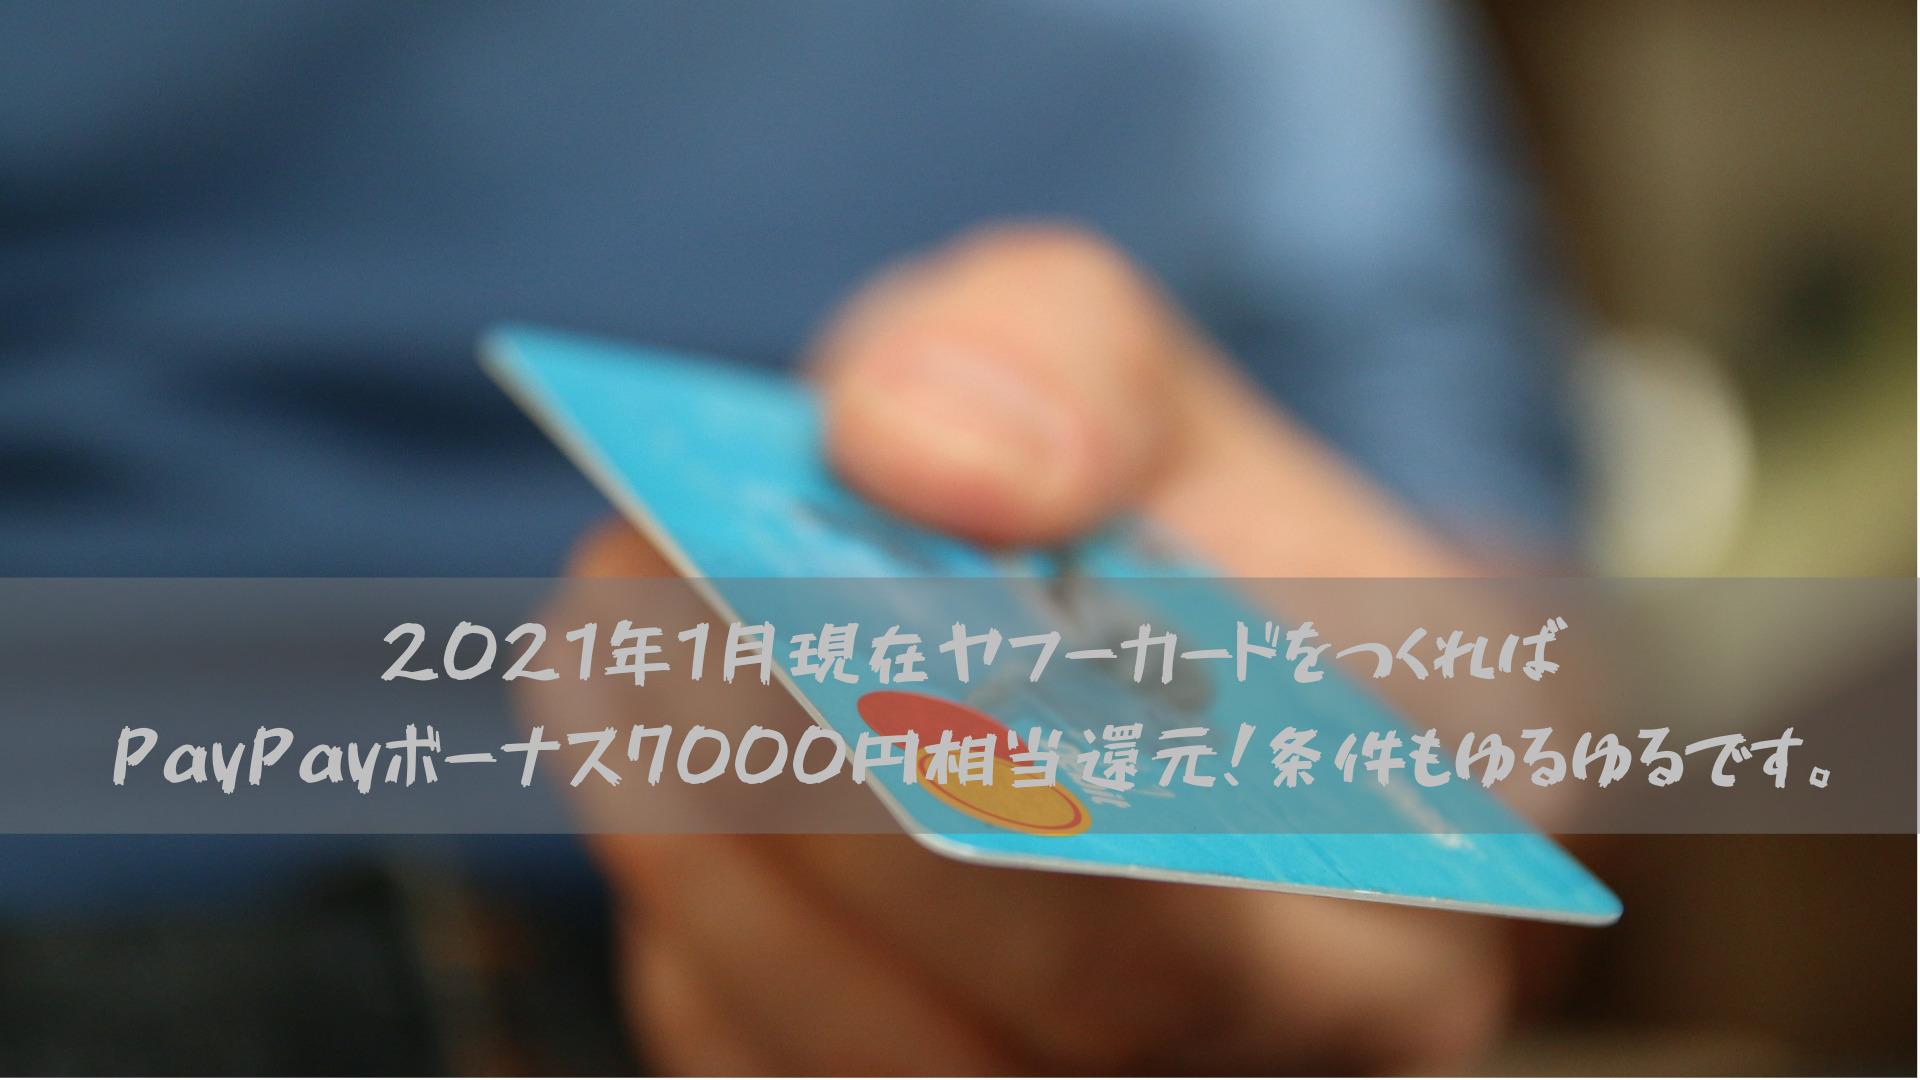 2021年1月現在ヤフーカードをつくればPayPayボーナス7000円相当還元!条件もゆるゆるです。